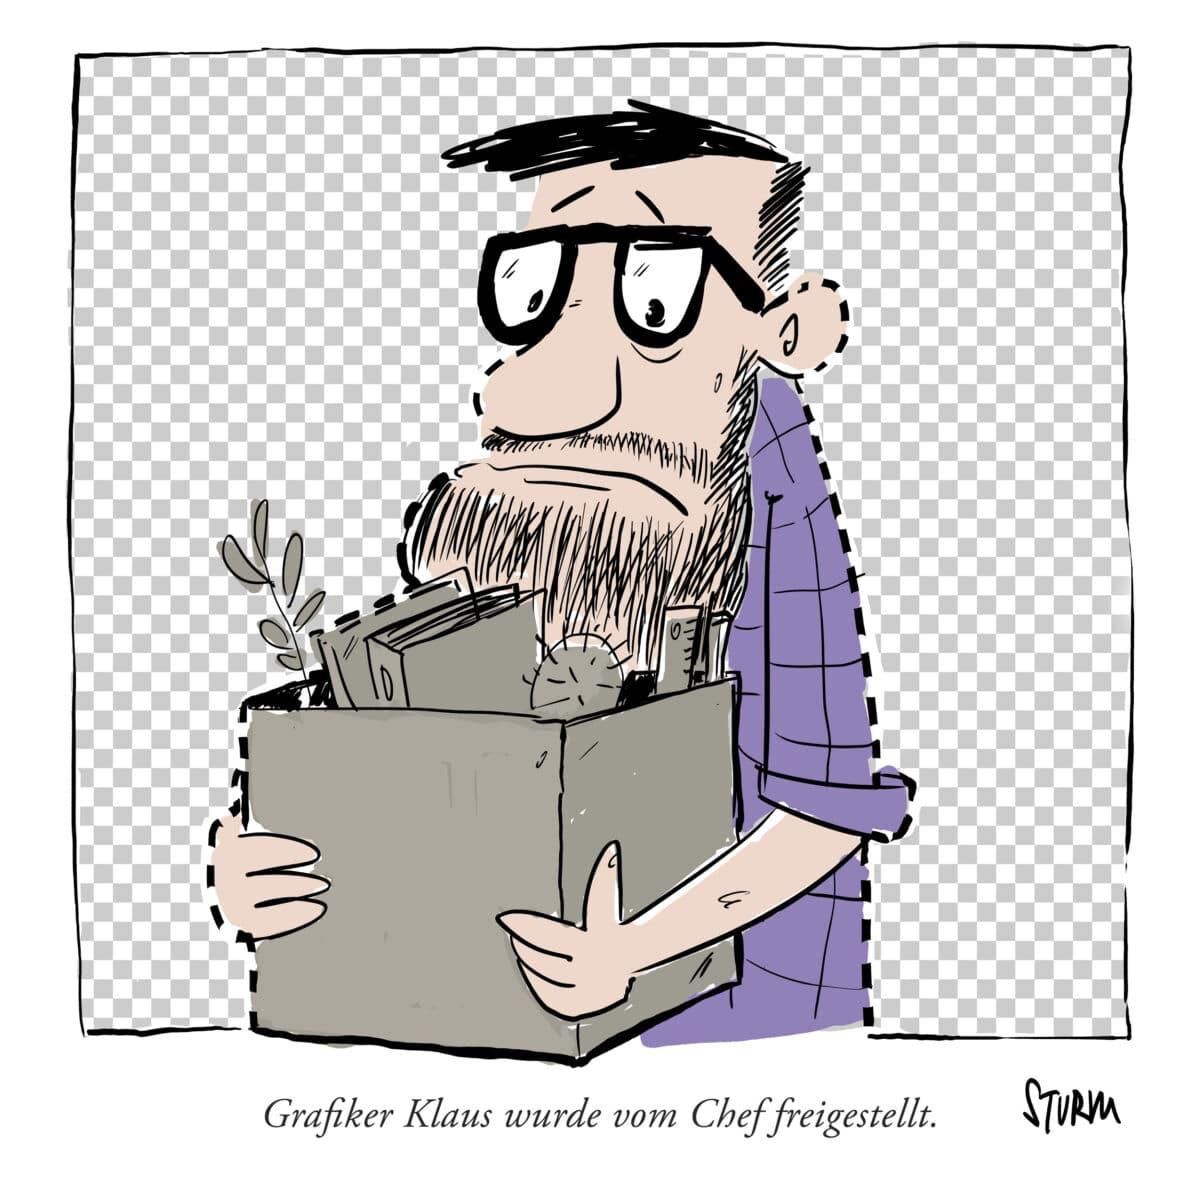 Dismissed - Cartoon by Philipp Sturm